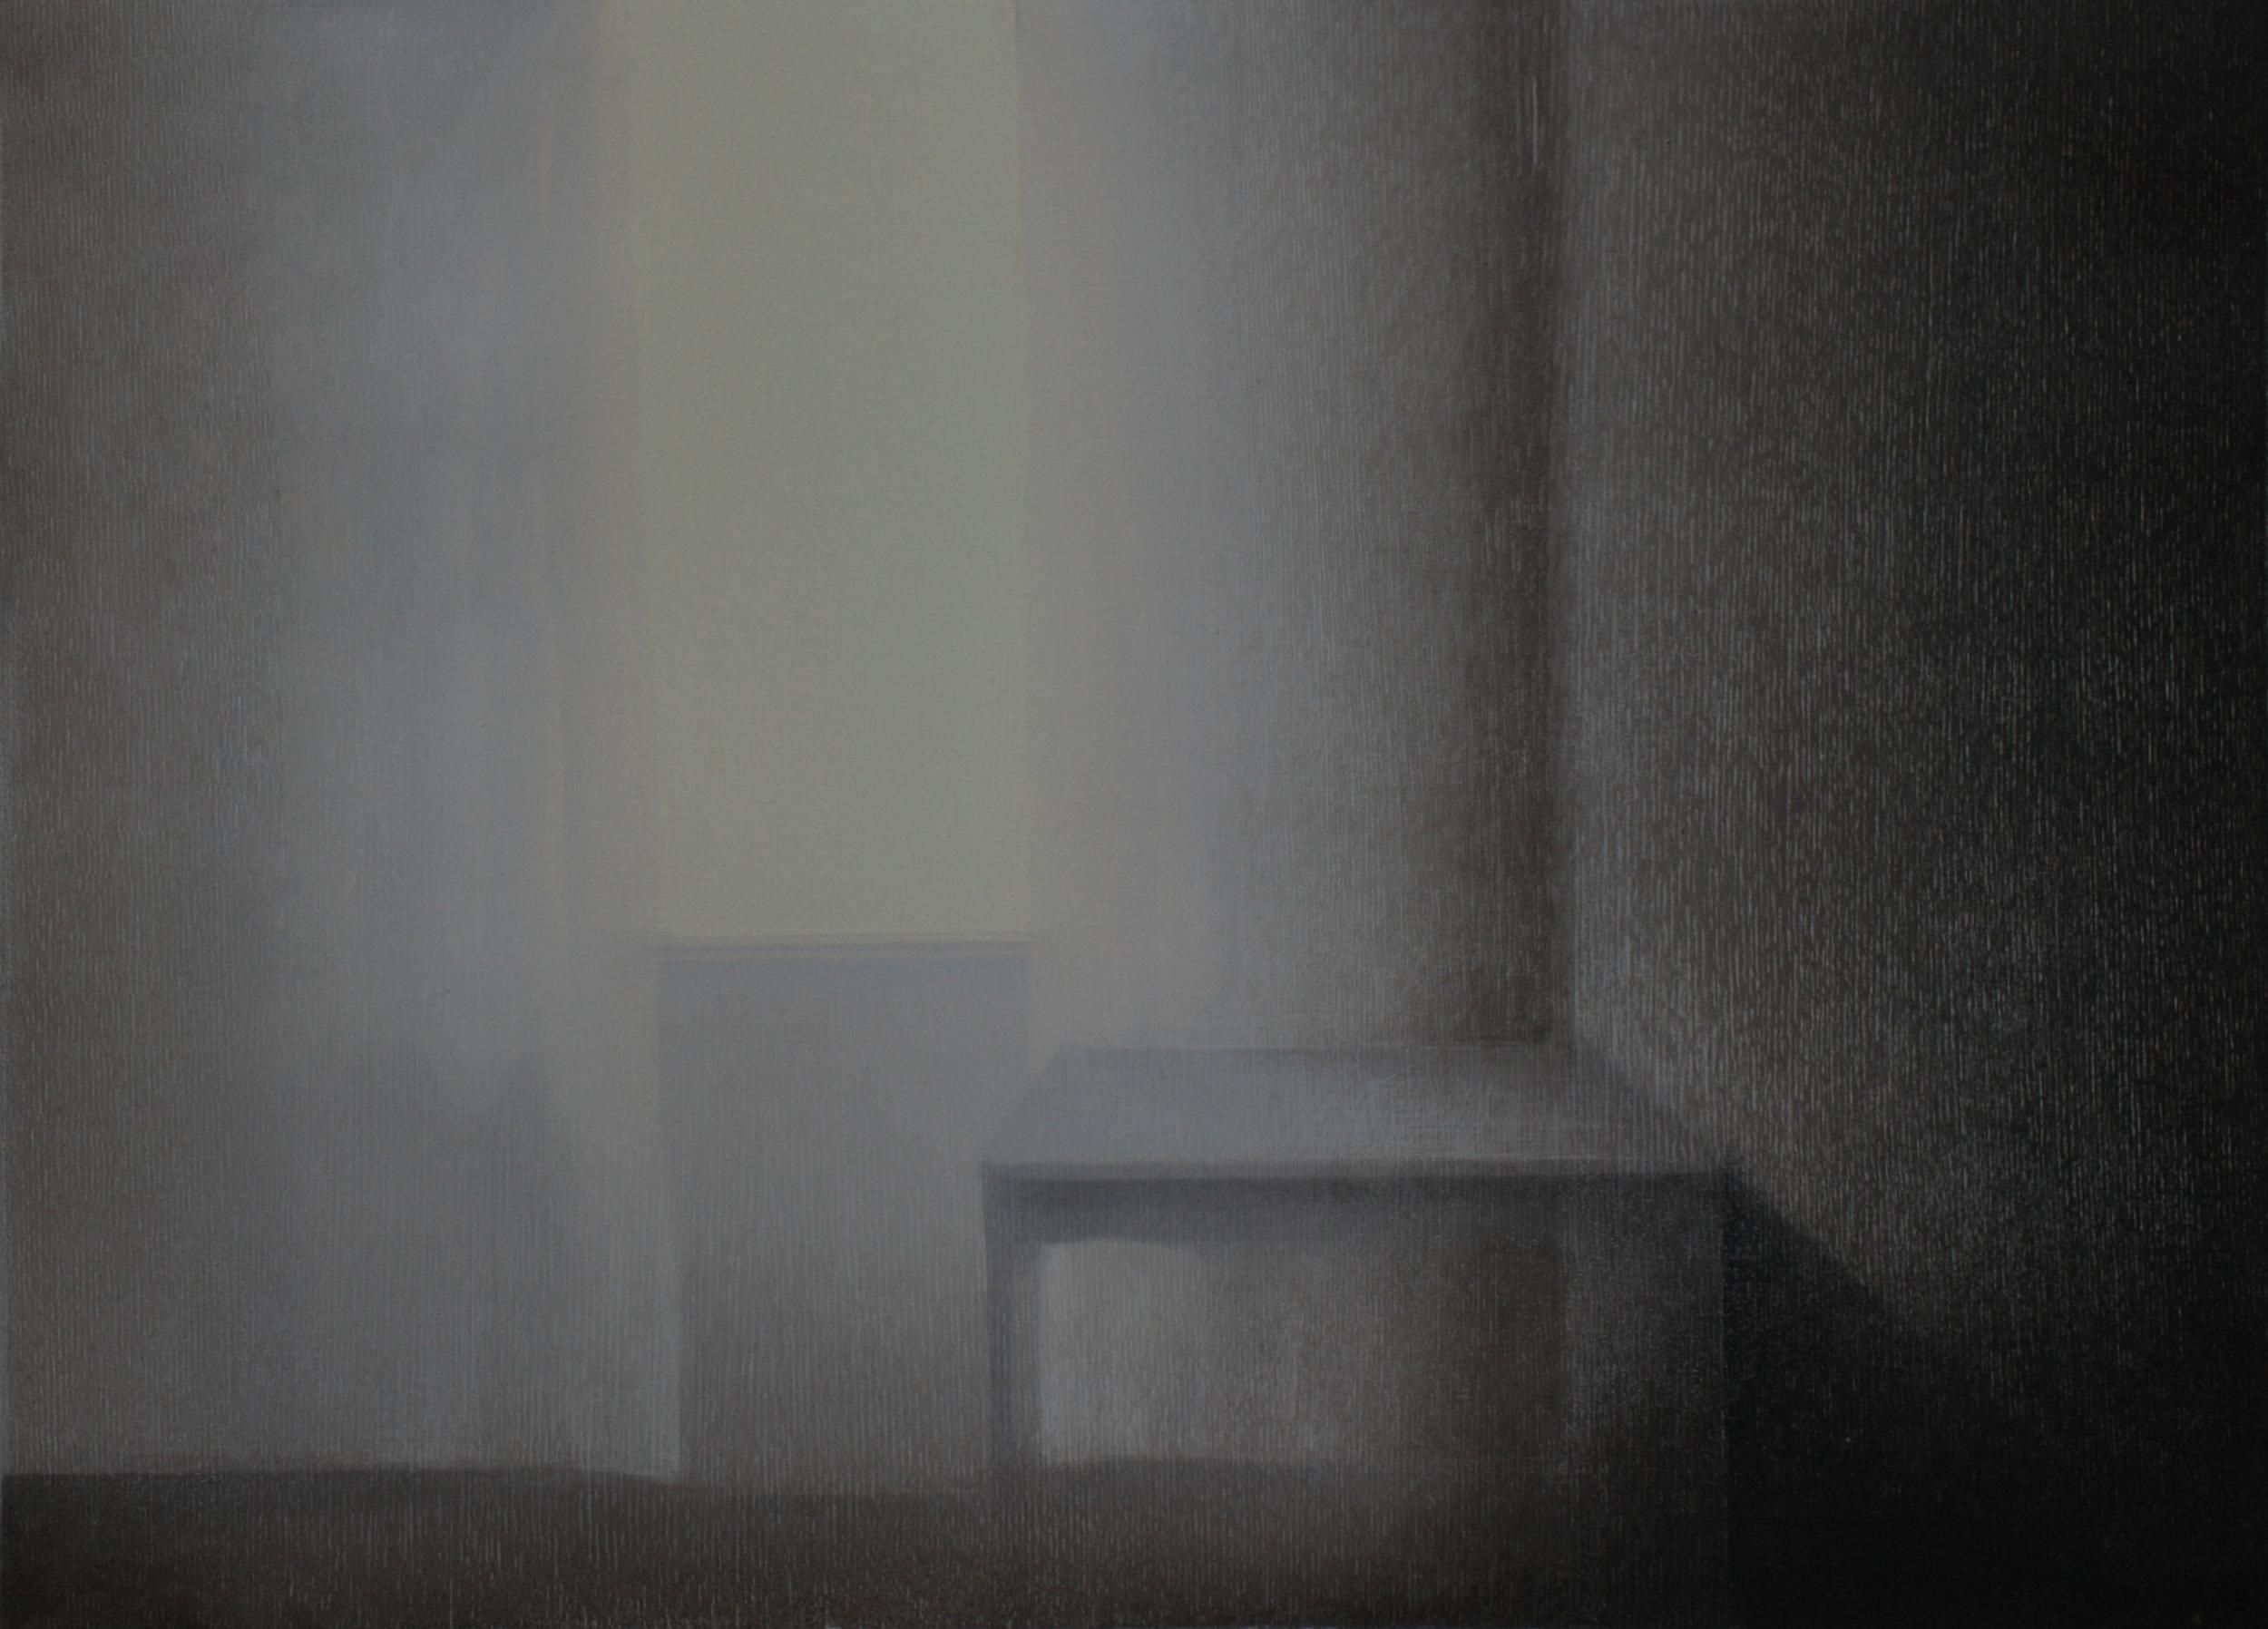 Praween PIANGCHOOMPU, Sanctuary Inside The Soul #32, 2018, Woodcut on Paper, 2 of 8, 42 x 60 cm